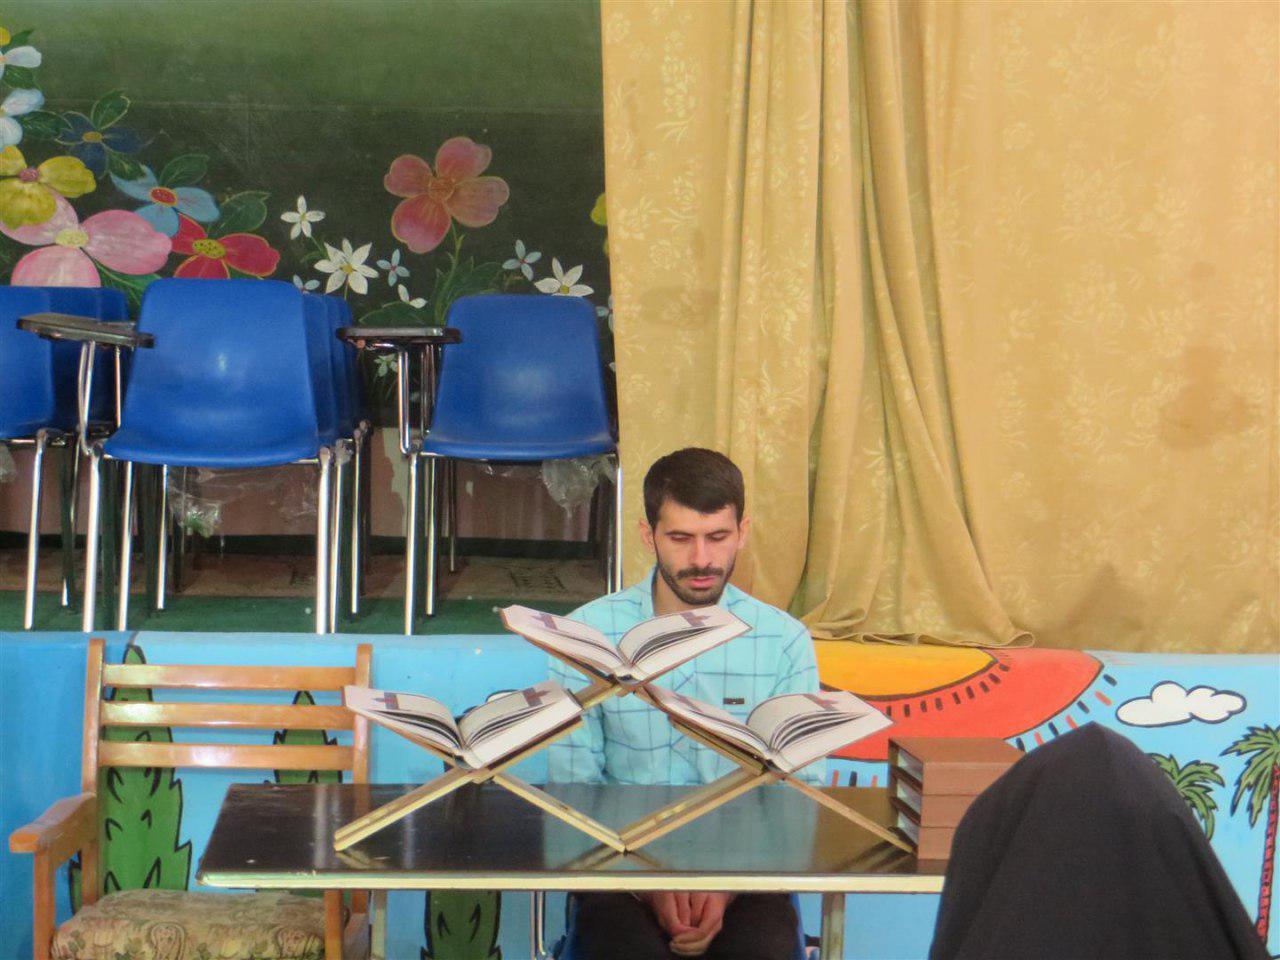 برگزاری مسابقات قرآن کریم ویژه کارگران، کارفرمایان و تعاون گران شهرستان فراشبند